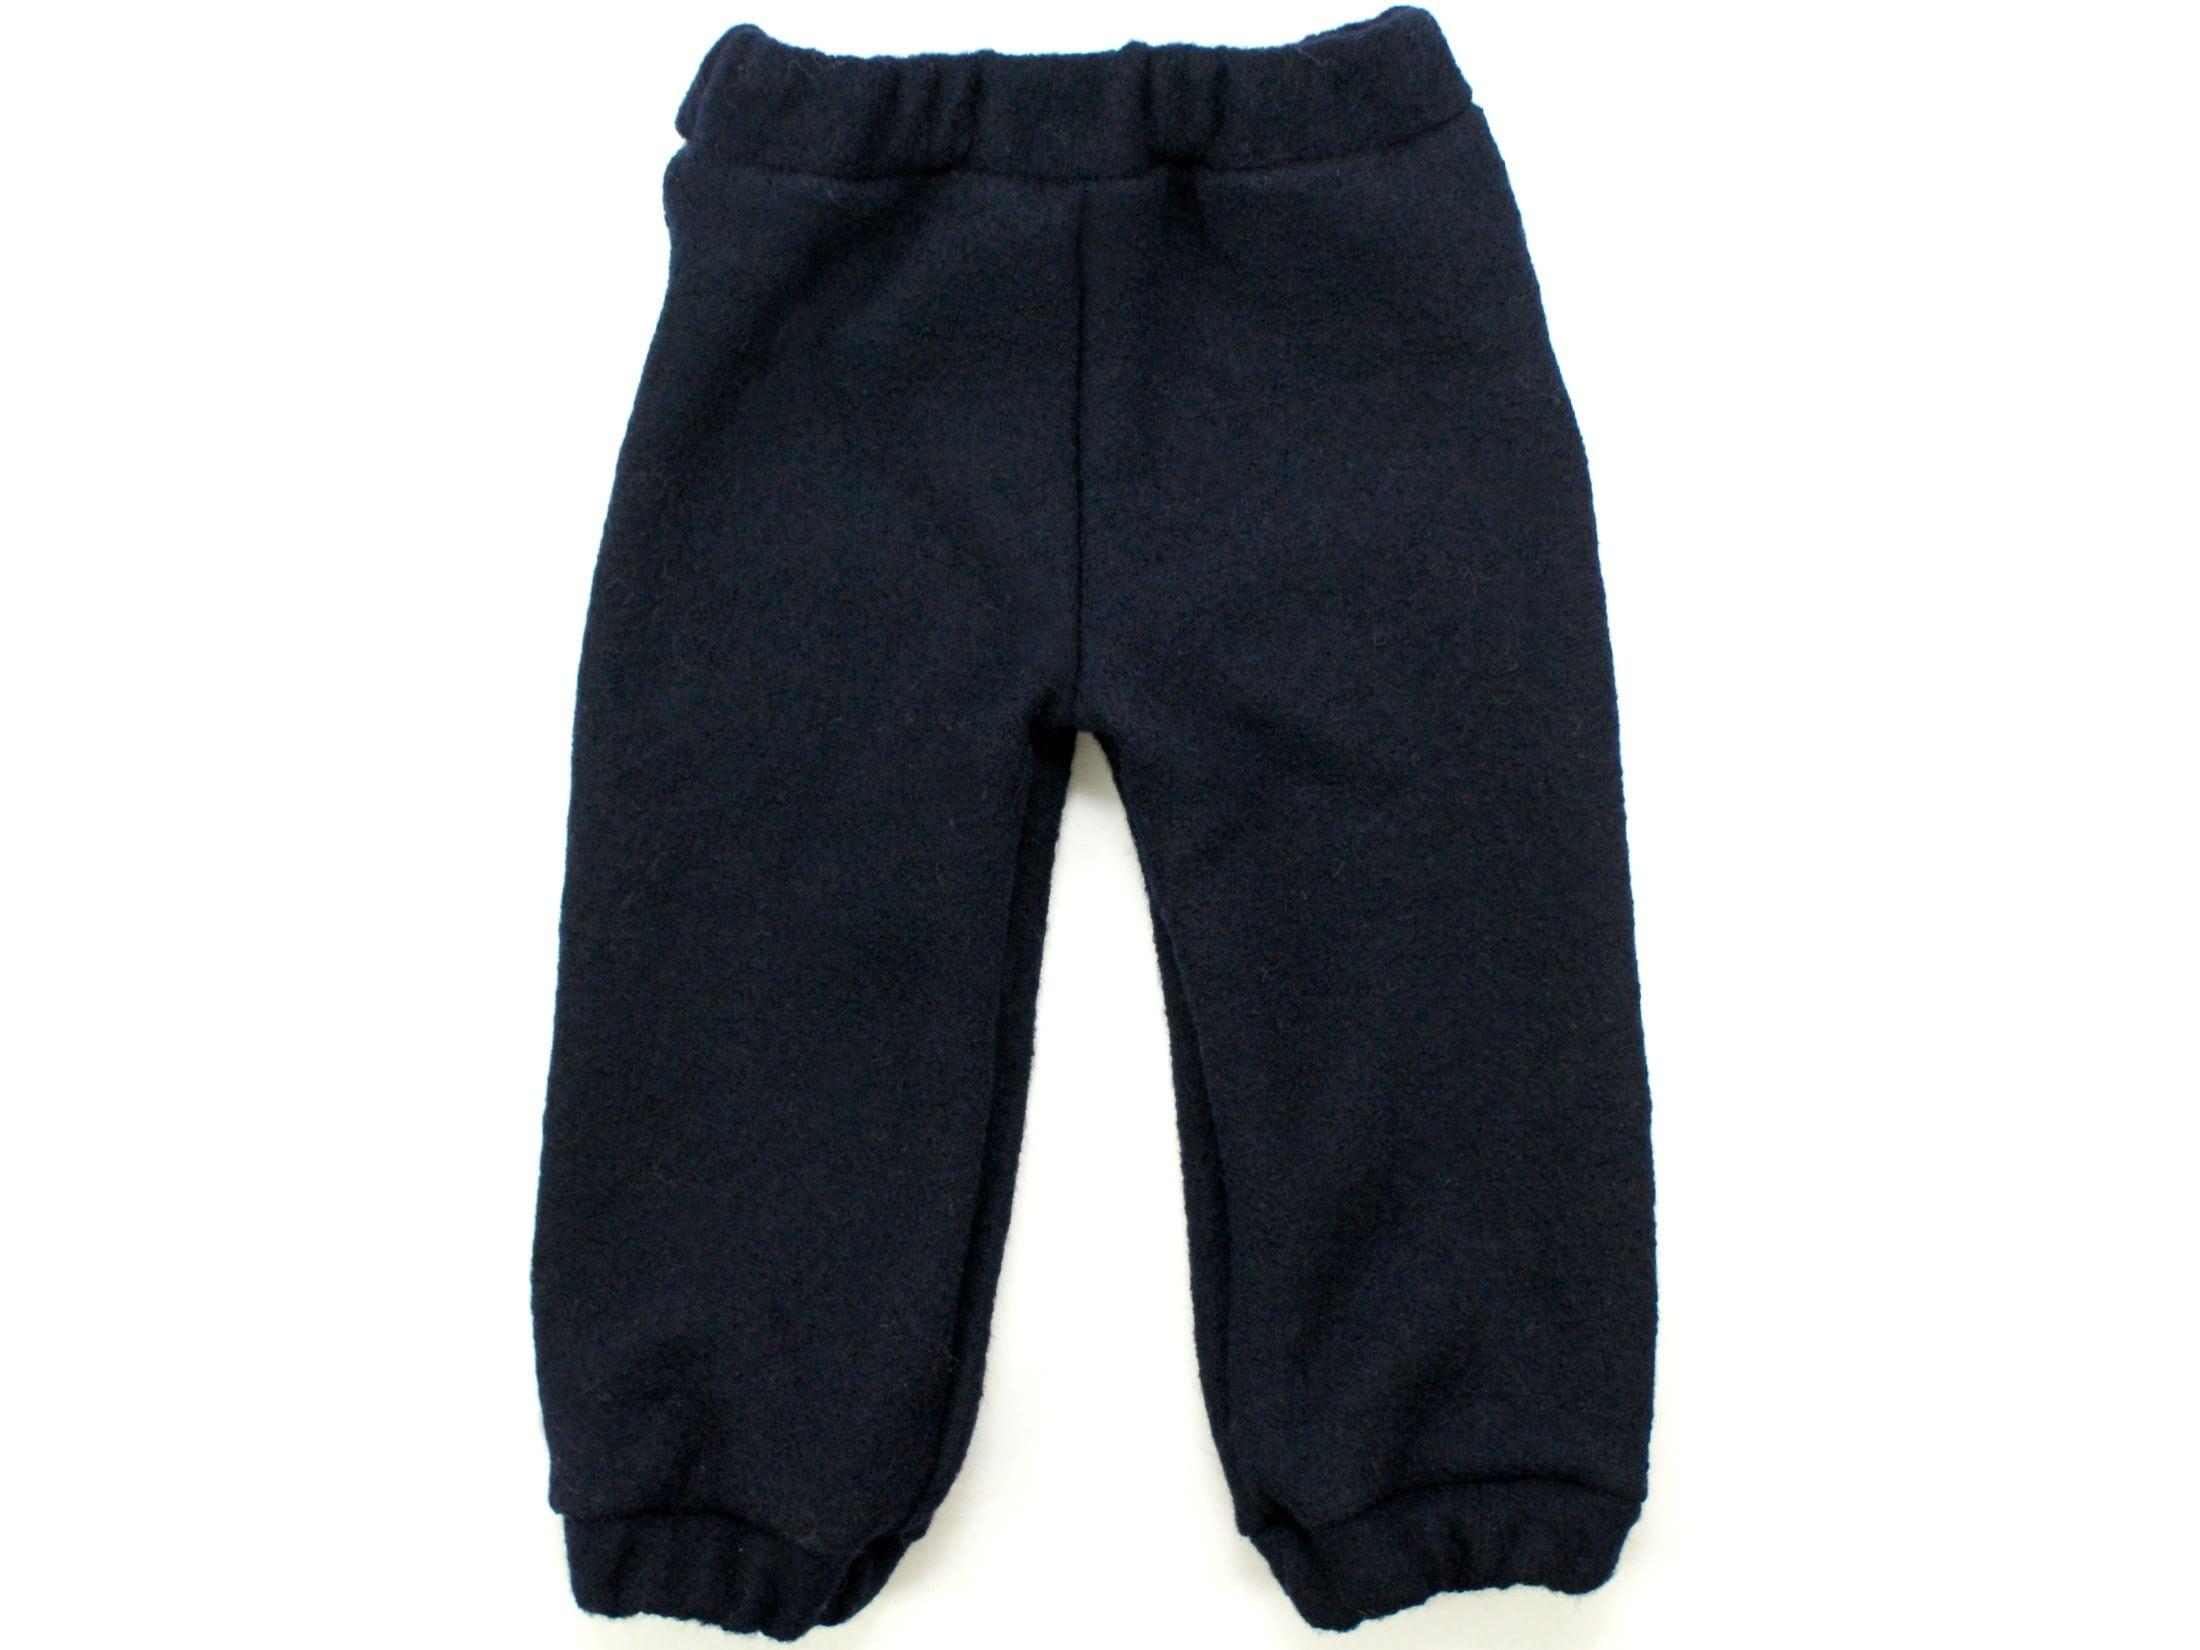 Kinderhose aus Wollwalk in Marineblau mit Gummizug und Taschen